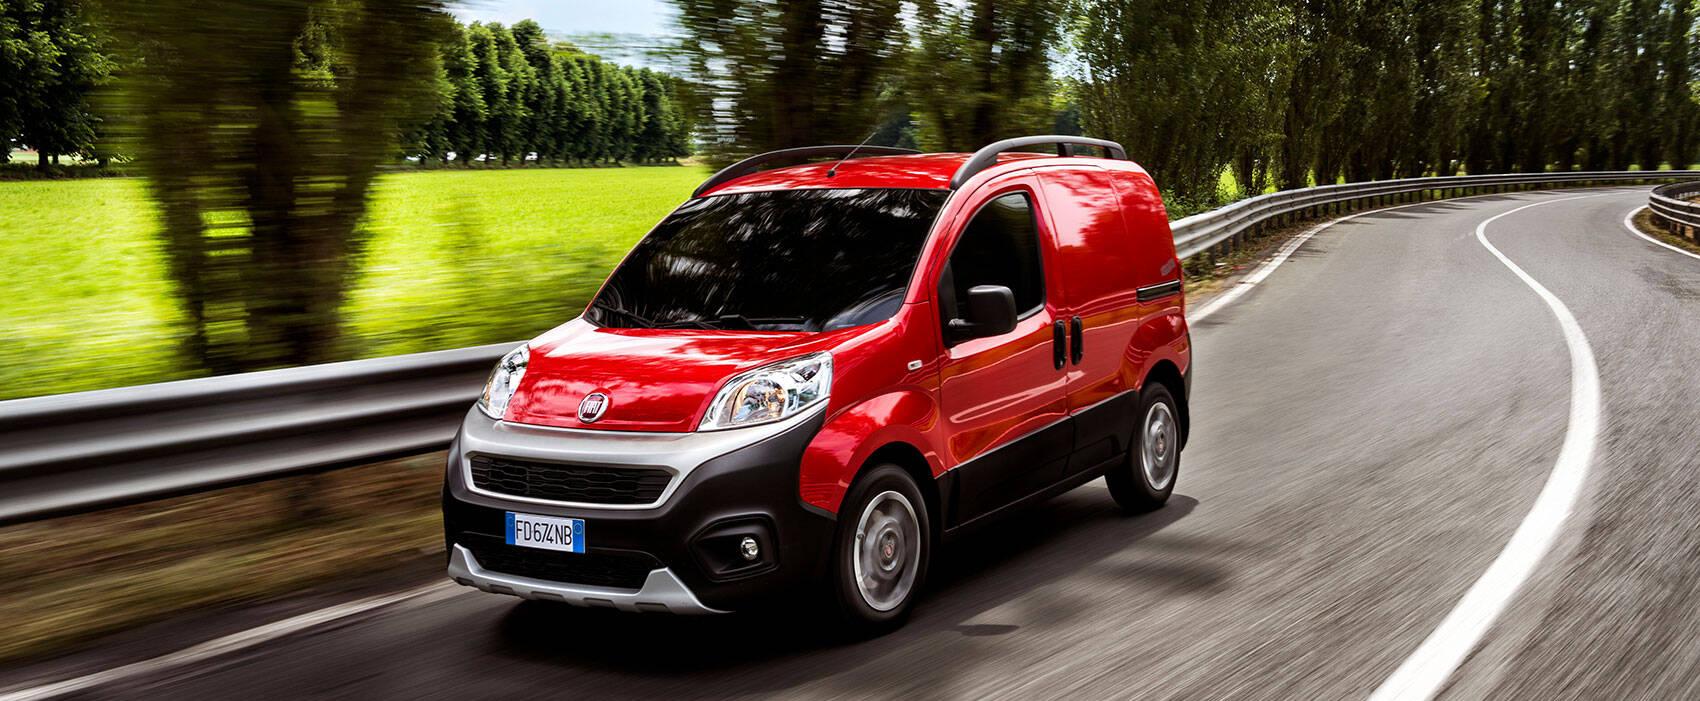 Fiat Fiorino Adventure Edition in rot auf einer Straße